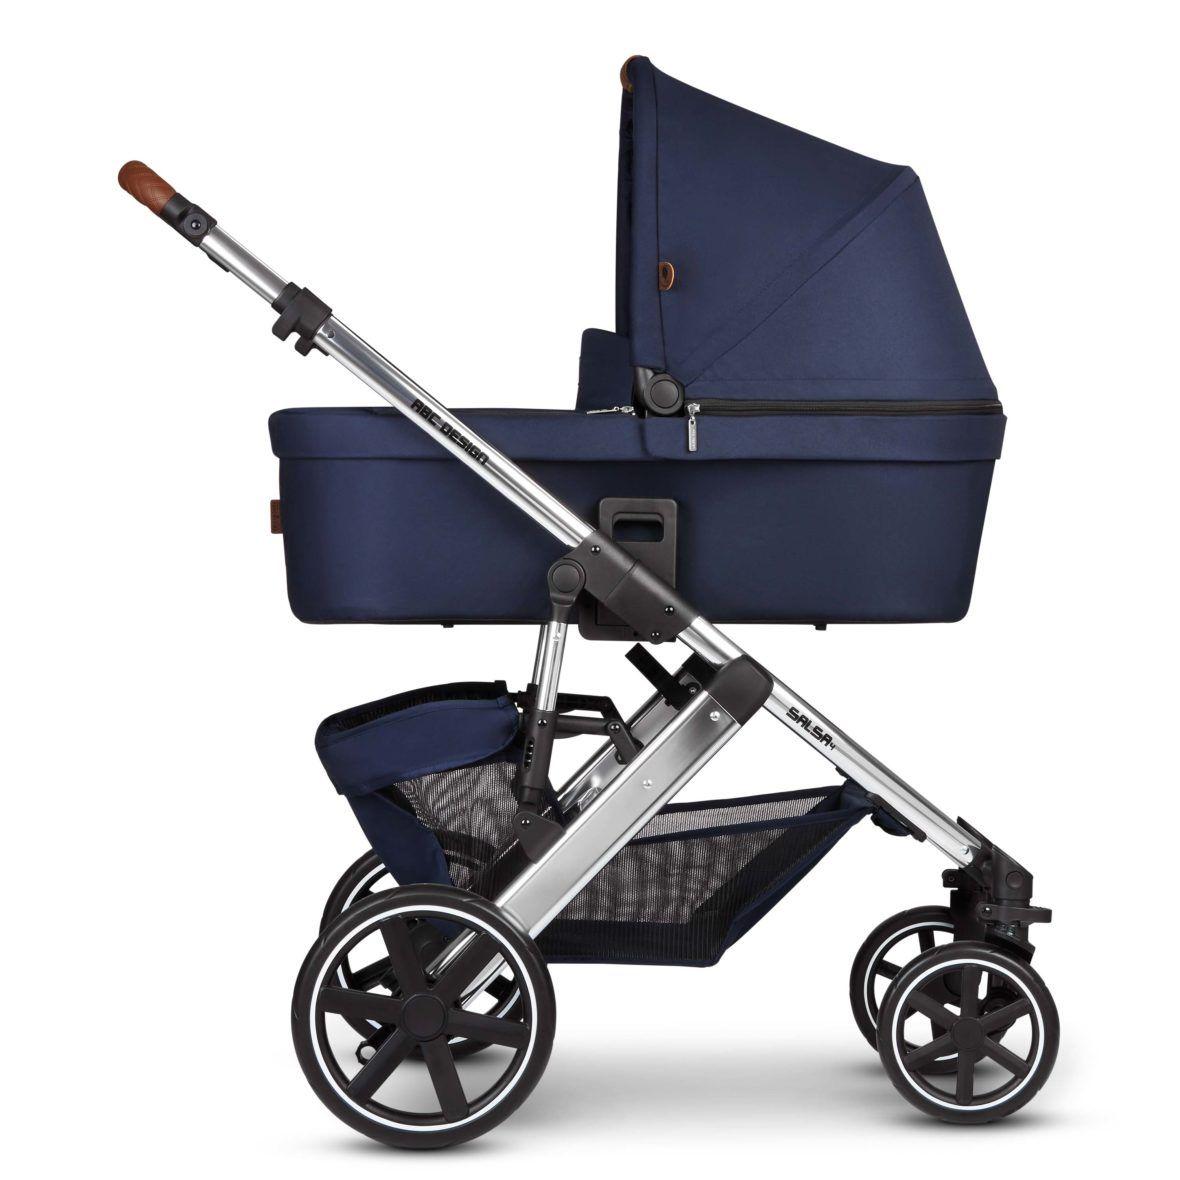 kinderwagen-stroller-salsa-4-navy-03-babywanne